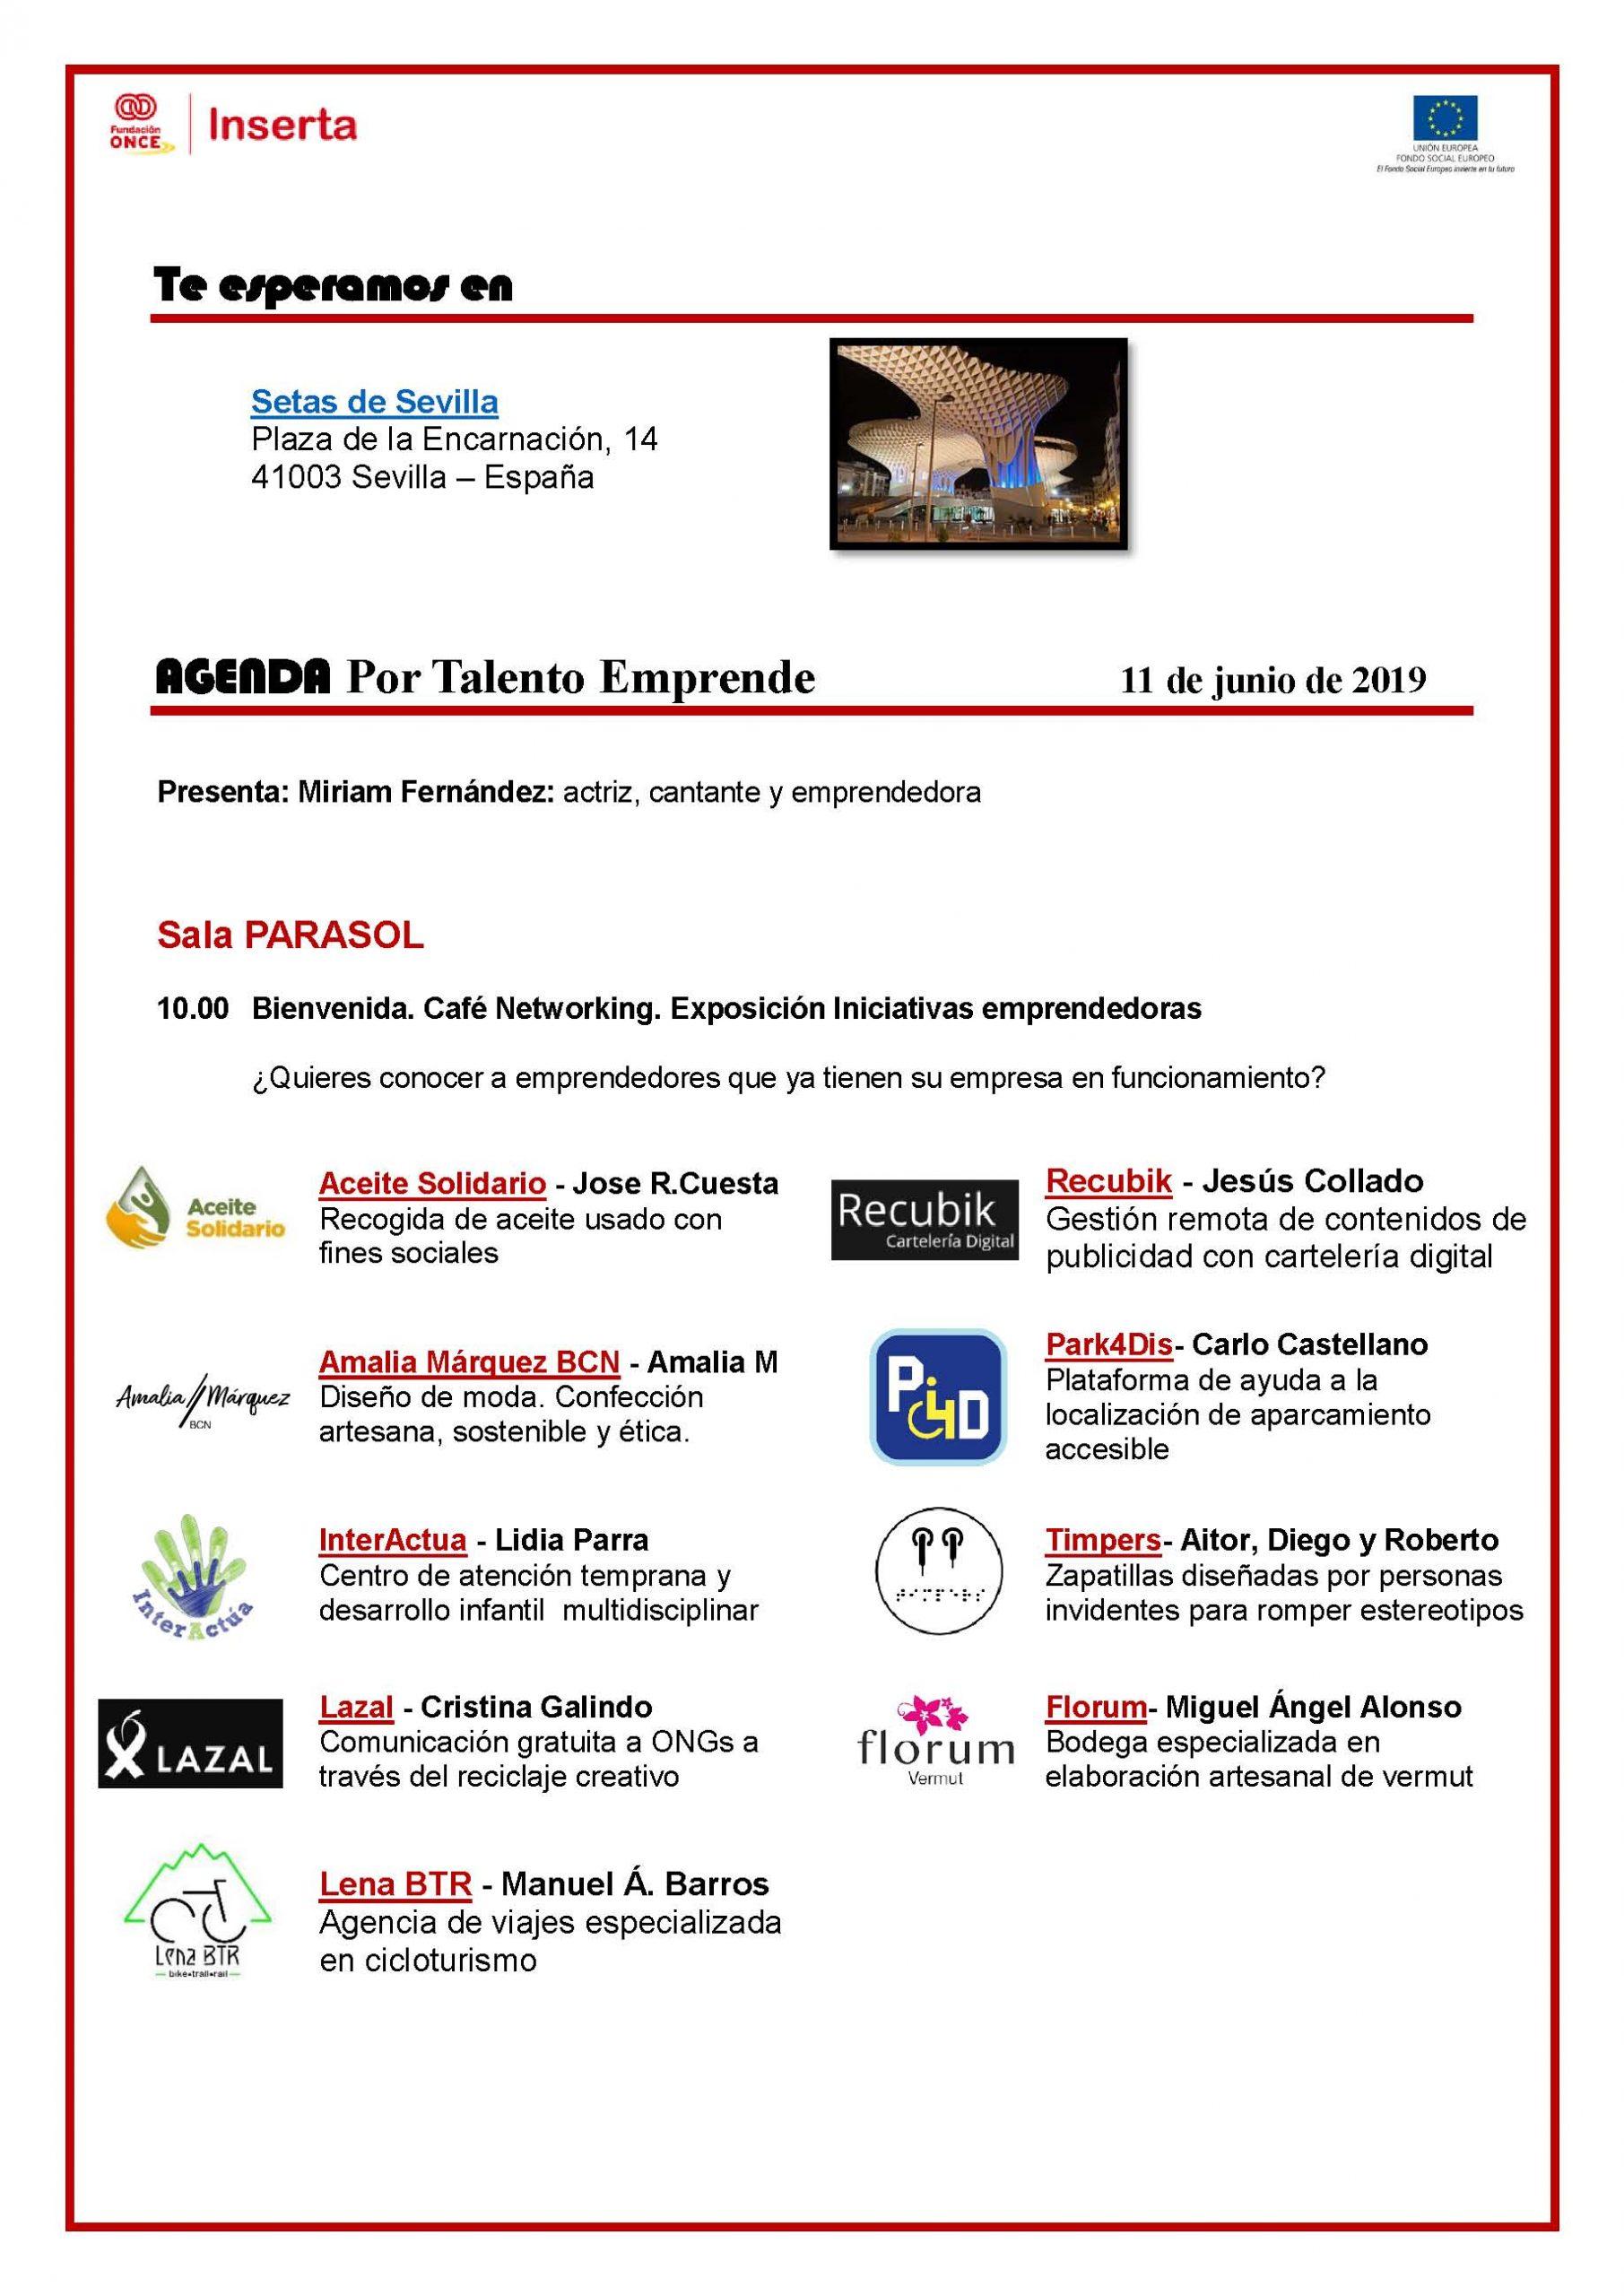 programa jornada por talento emprende - 11 de junio - sevilla_pagina_2.jpg